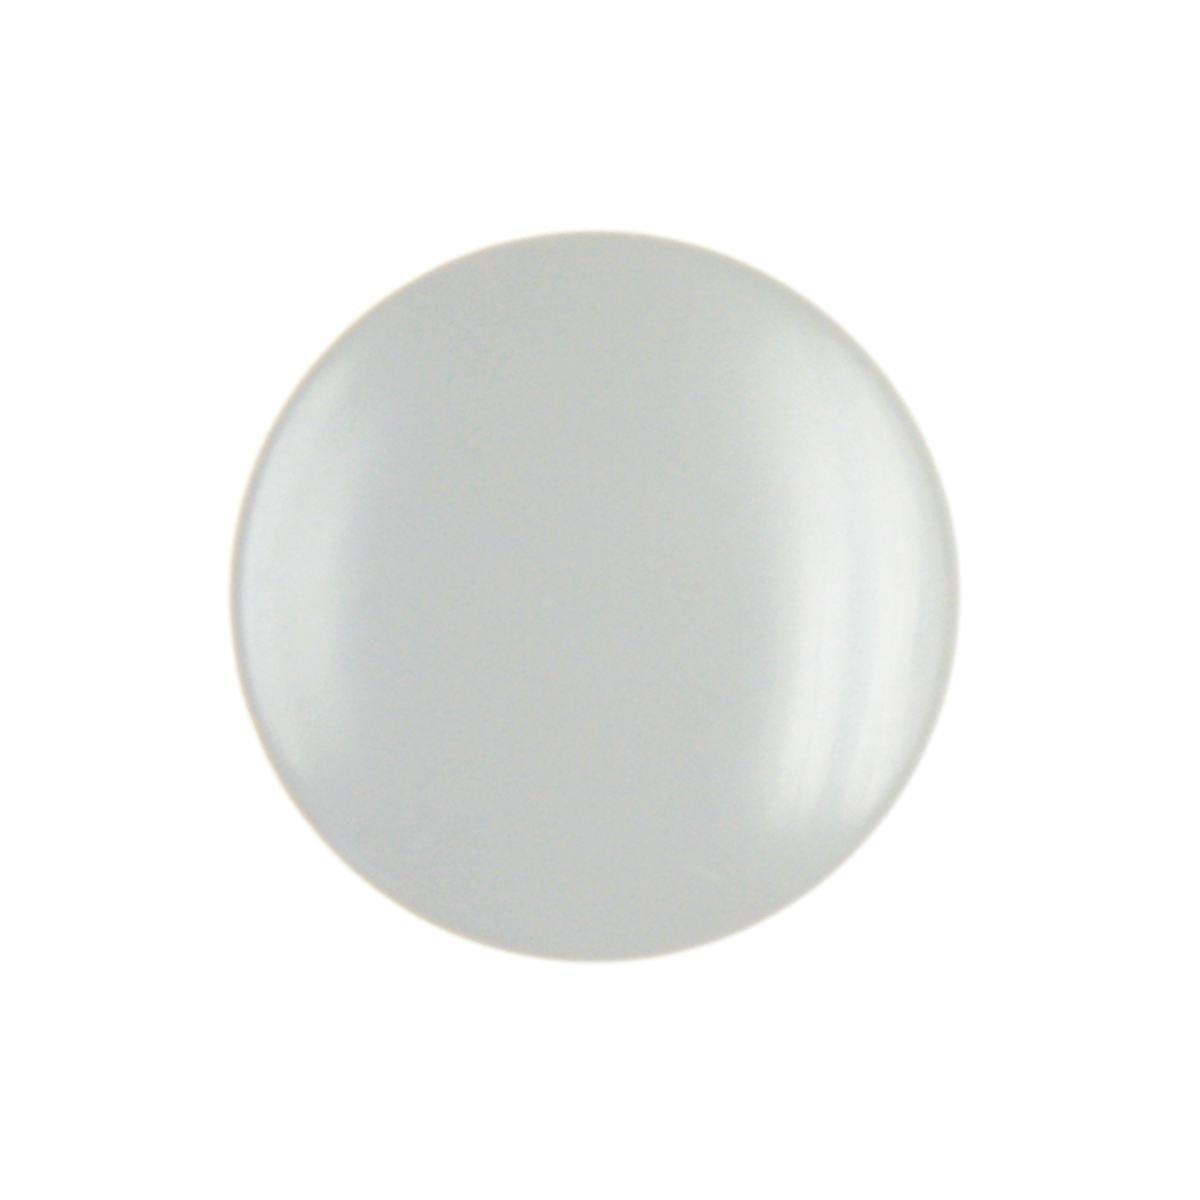 Blindprop til dørgreb hvid 1 stk.